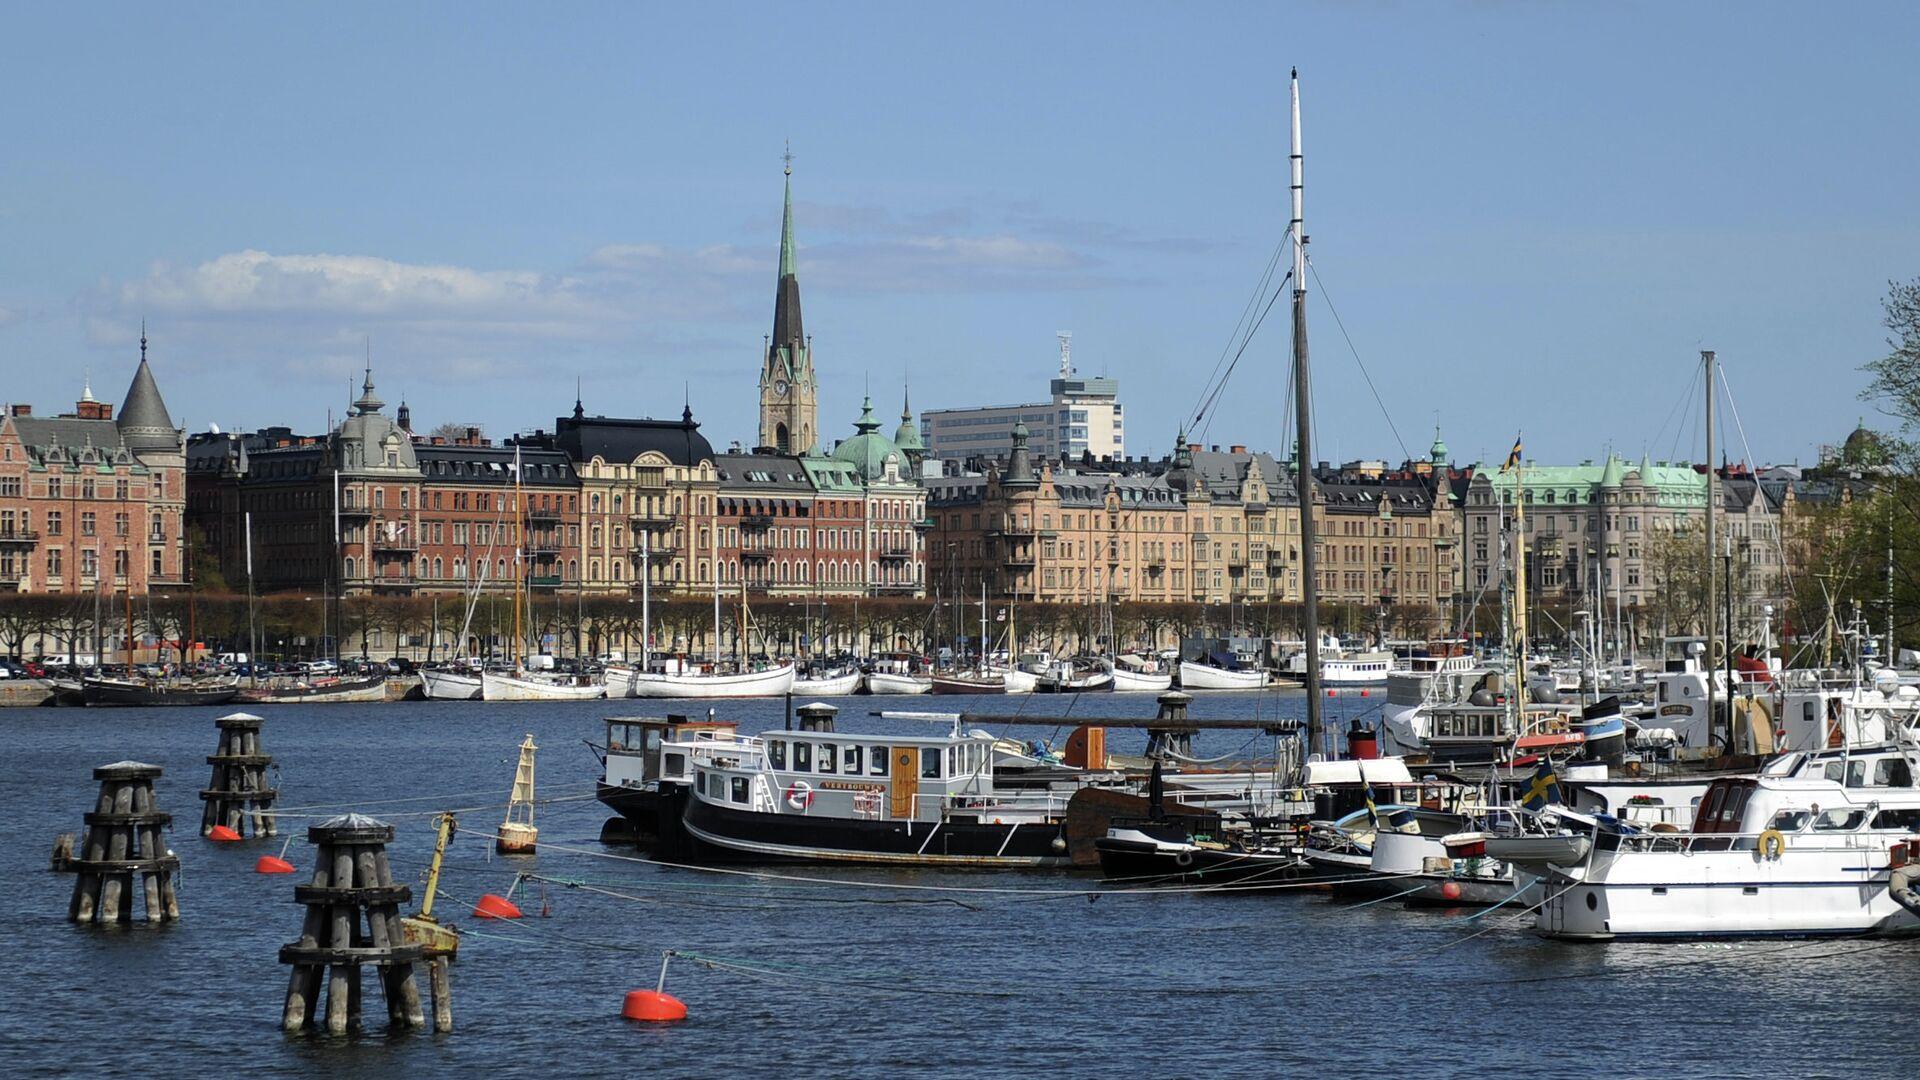 Вид на город Стокгольм, Швеция - РИА Новости, 1920, 12.05.2021